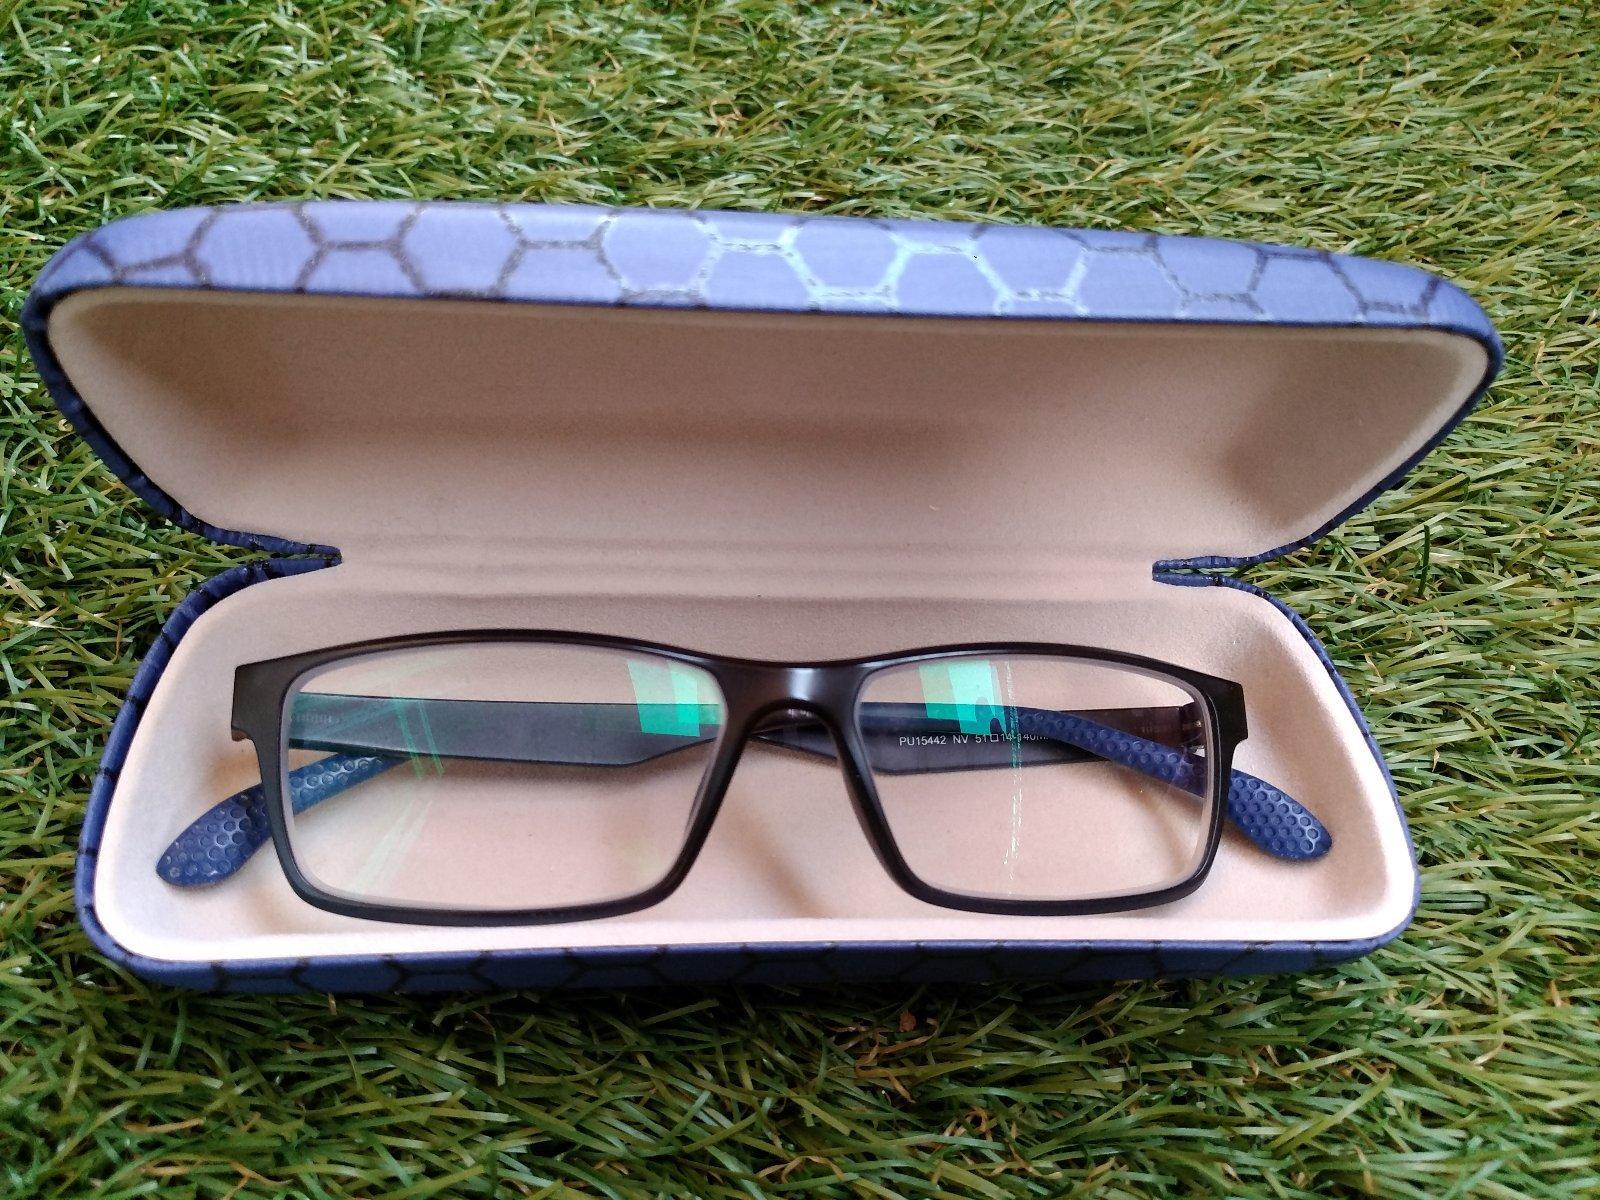 9ef19e481 Detské dioptrické okuliare, - 30 € od predávajúcej svecova   Detský bazár    ModryKonik.sk